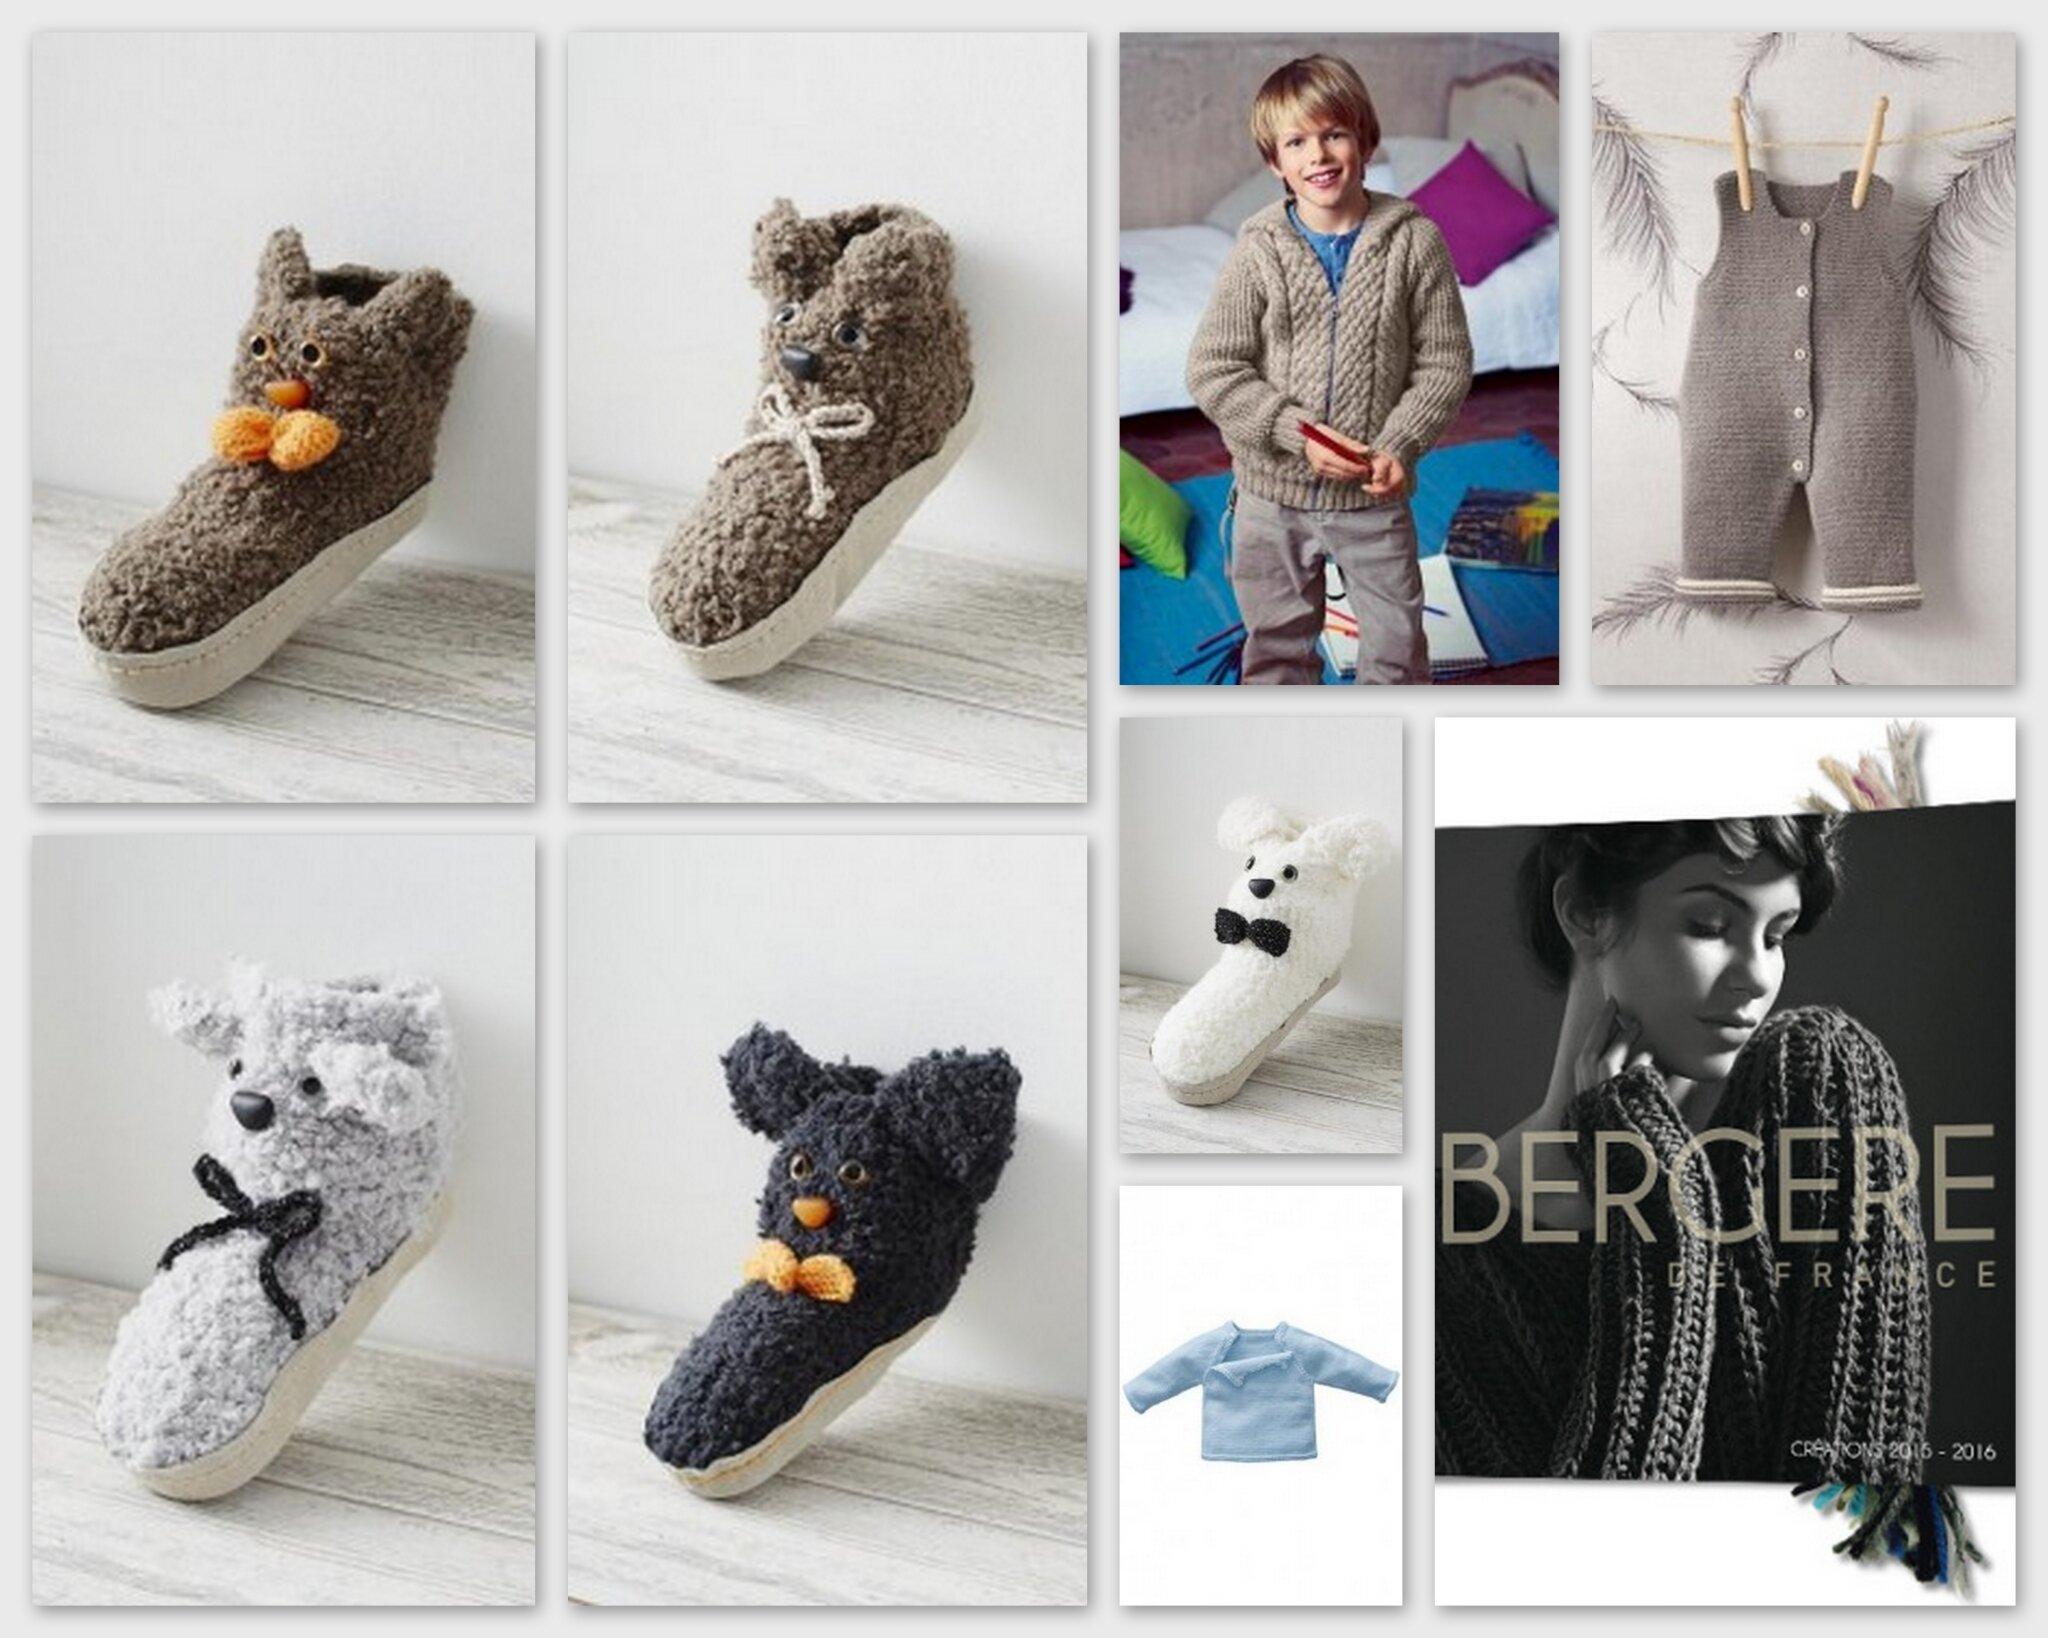 modèles bergère de france chaussons enfant bébé 2015 2016